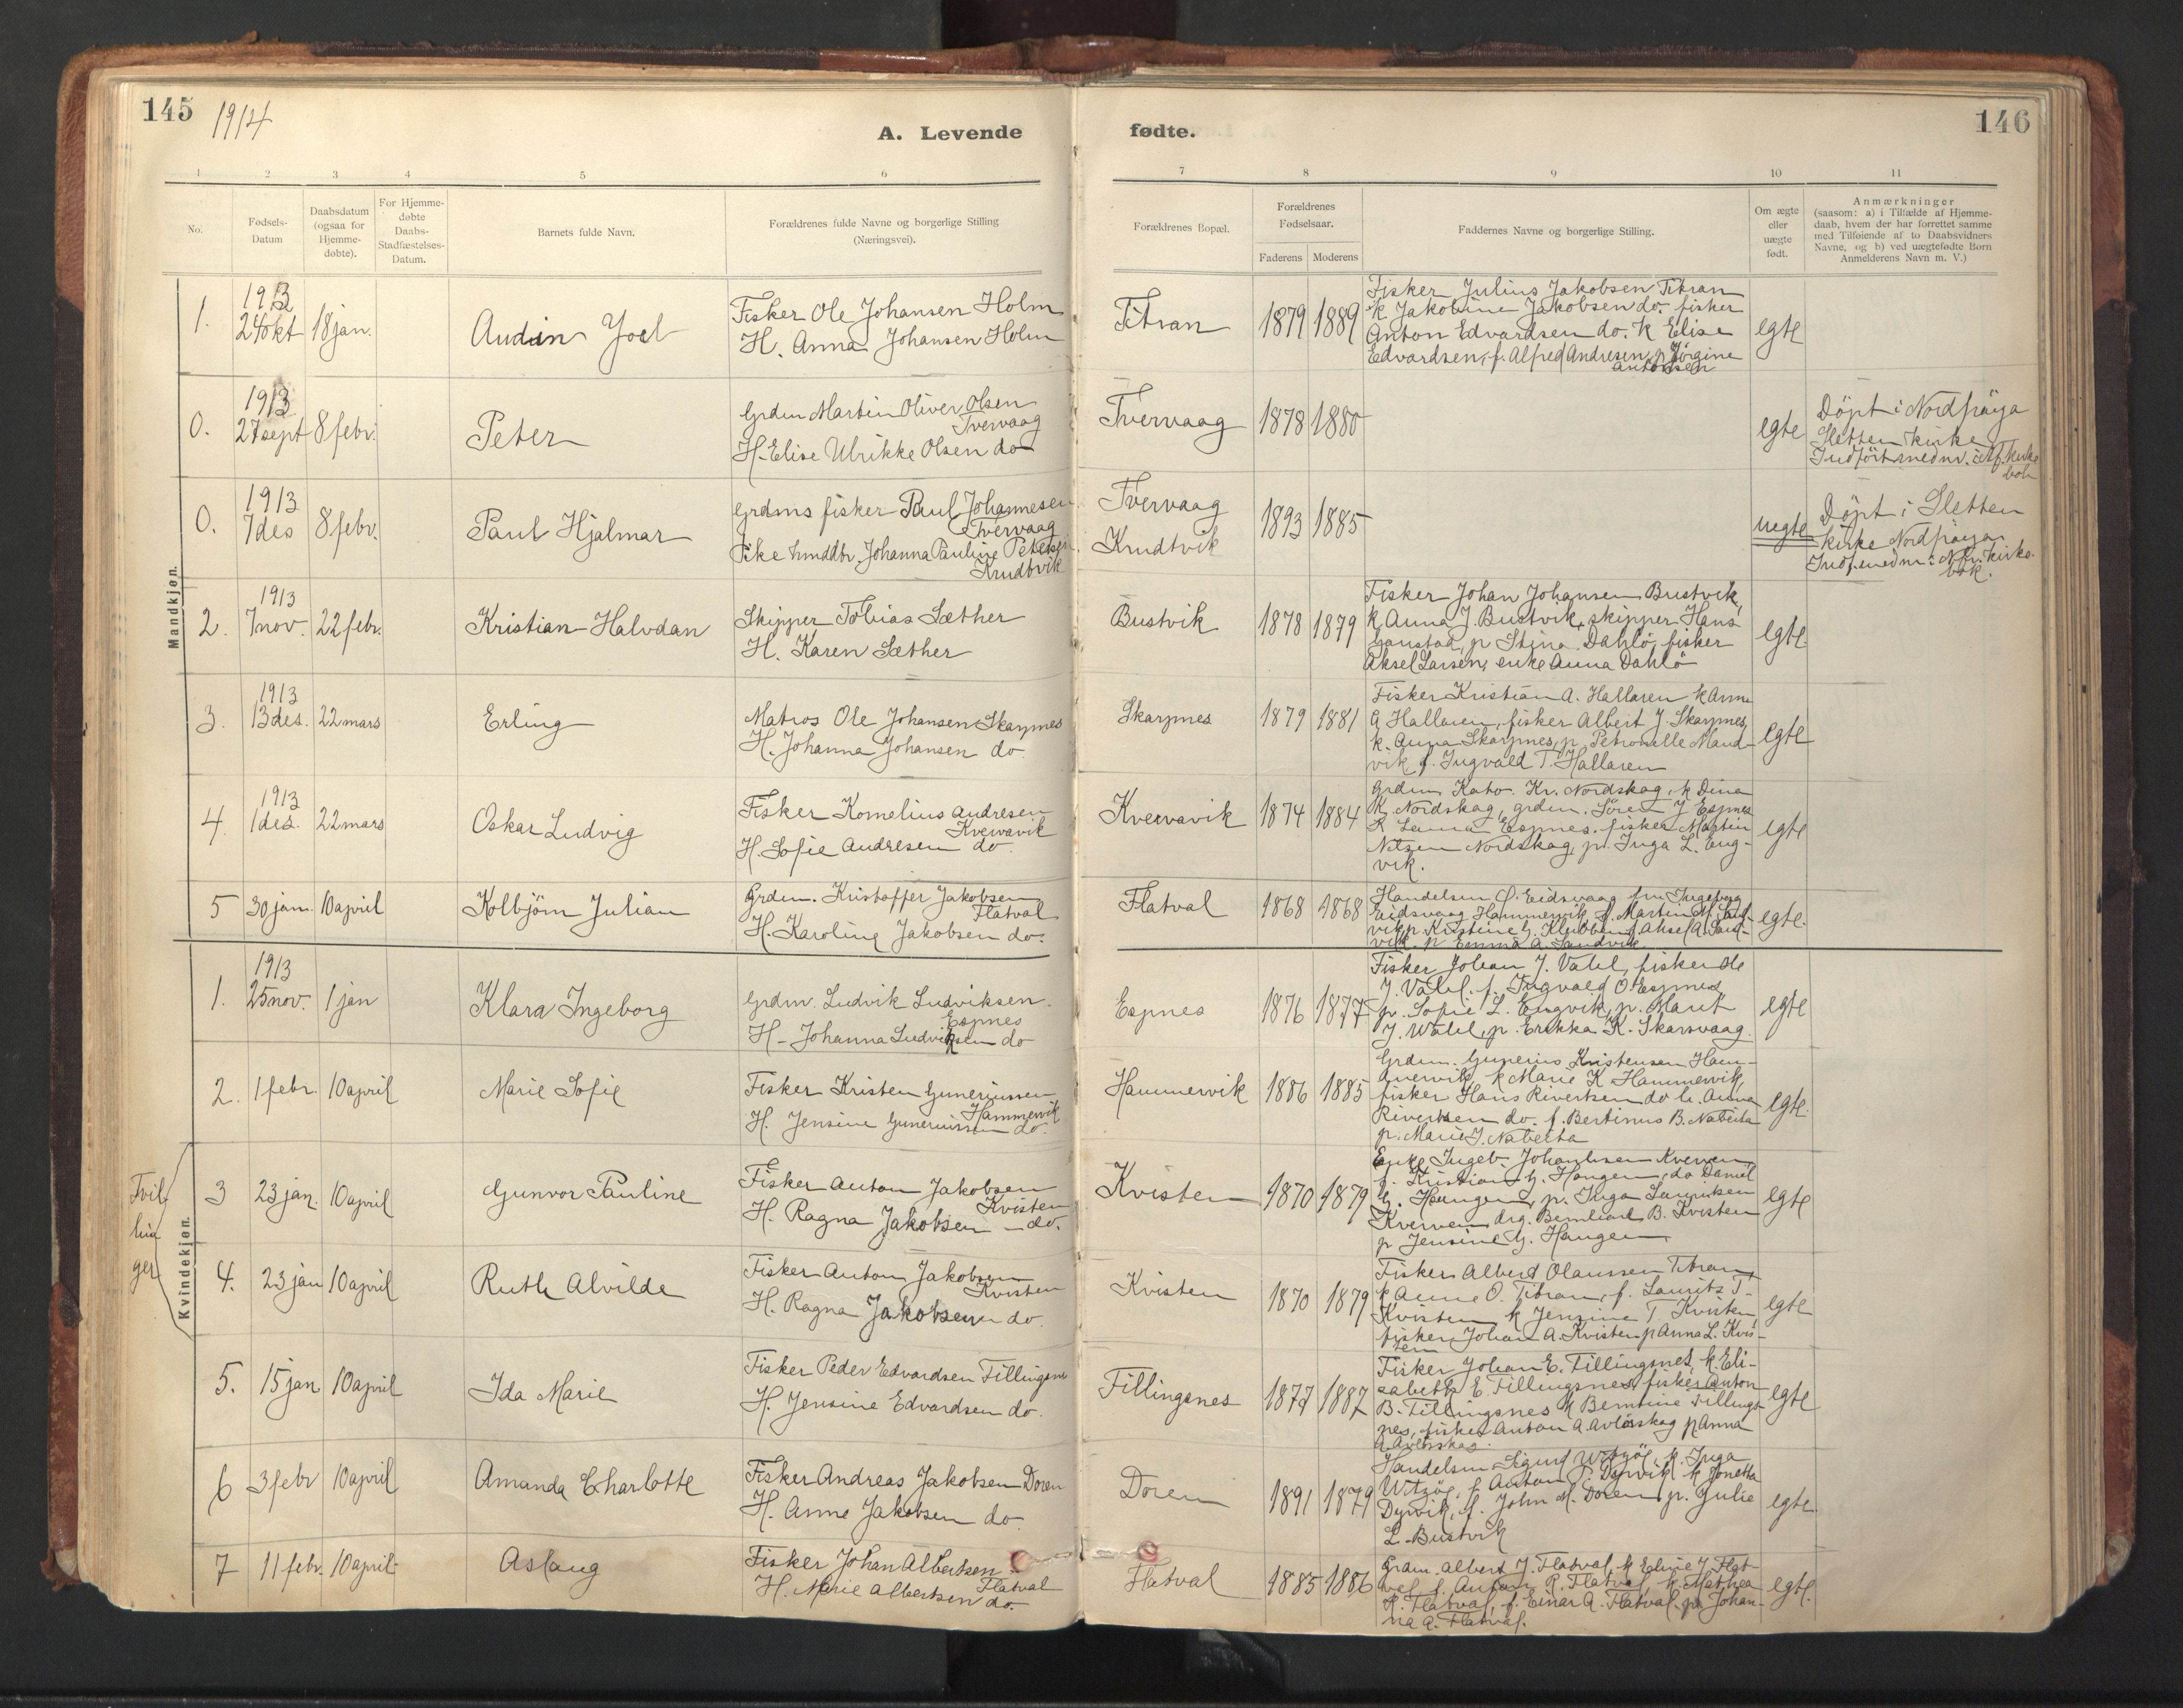 SAT, Ministerialprotokoller, klokkerbøker og fødselsregistre - Sør-Trøndelag, 641/L0596: Ministerialbok nr. 641A02, 1898-1915, s. 145-146